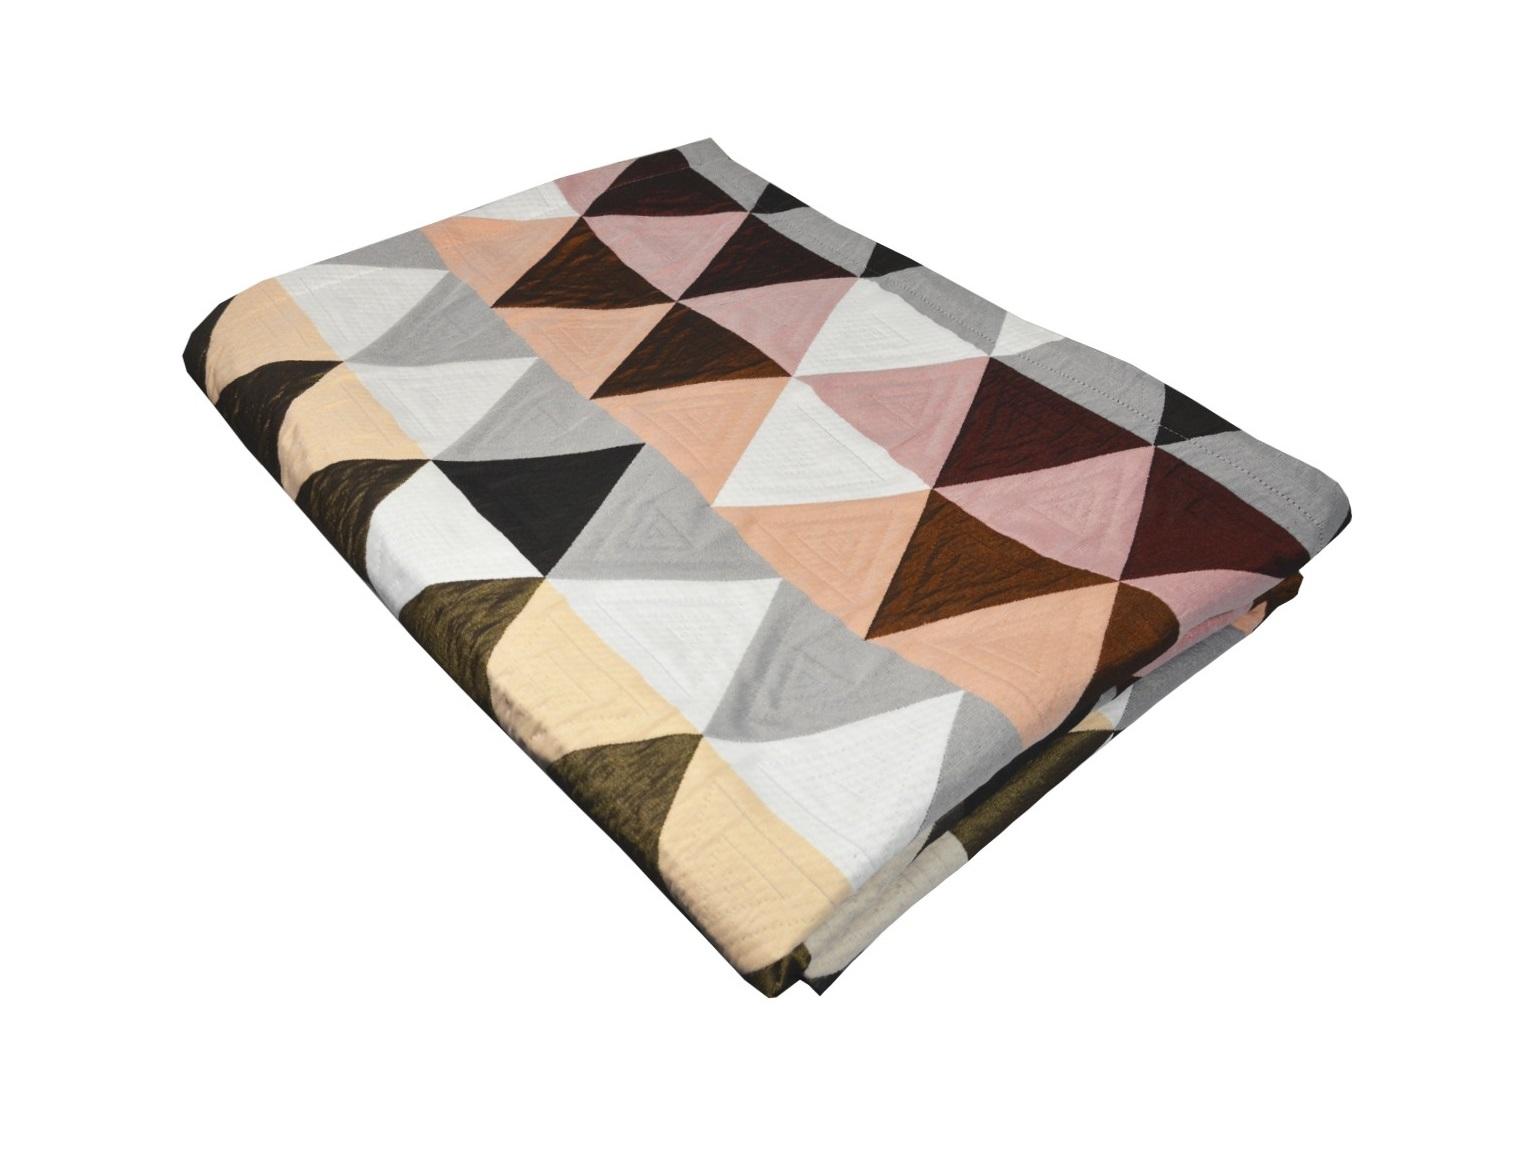 Покрывало MarellaПокрывала<br>Покрывало из структирированной ткани с геометрическим дизайном без подкладки.&amp;amp;nbsp;&amp;lt;div&amp;gt;Ткань Испания.&amp;lt;/div&amp;gt;&amp;lt;div&amp;gt;Подойдет для кроватей шириной от 90-100 см. или дивана до 130 см.&amp;lt;/div&amp;gt;&amp;lt;div&amp;gt;Возможна бережная стирка.&amp;lt;/div&amp;gt;<br><br>Material: Текстиль<br>Ширина см: 135.0<br>Глубина см: 220.0